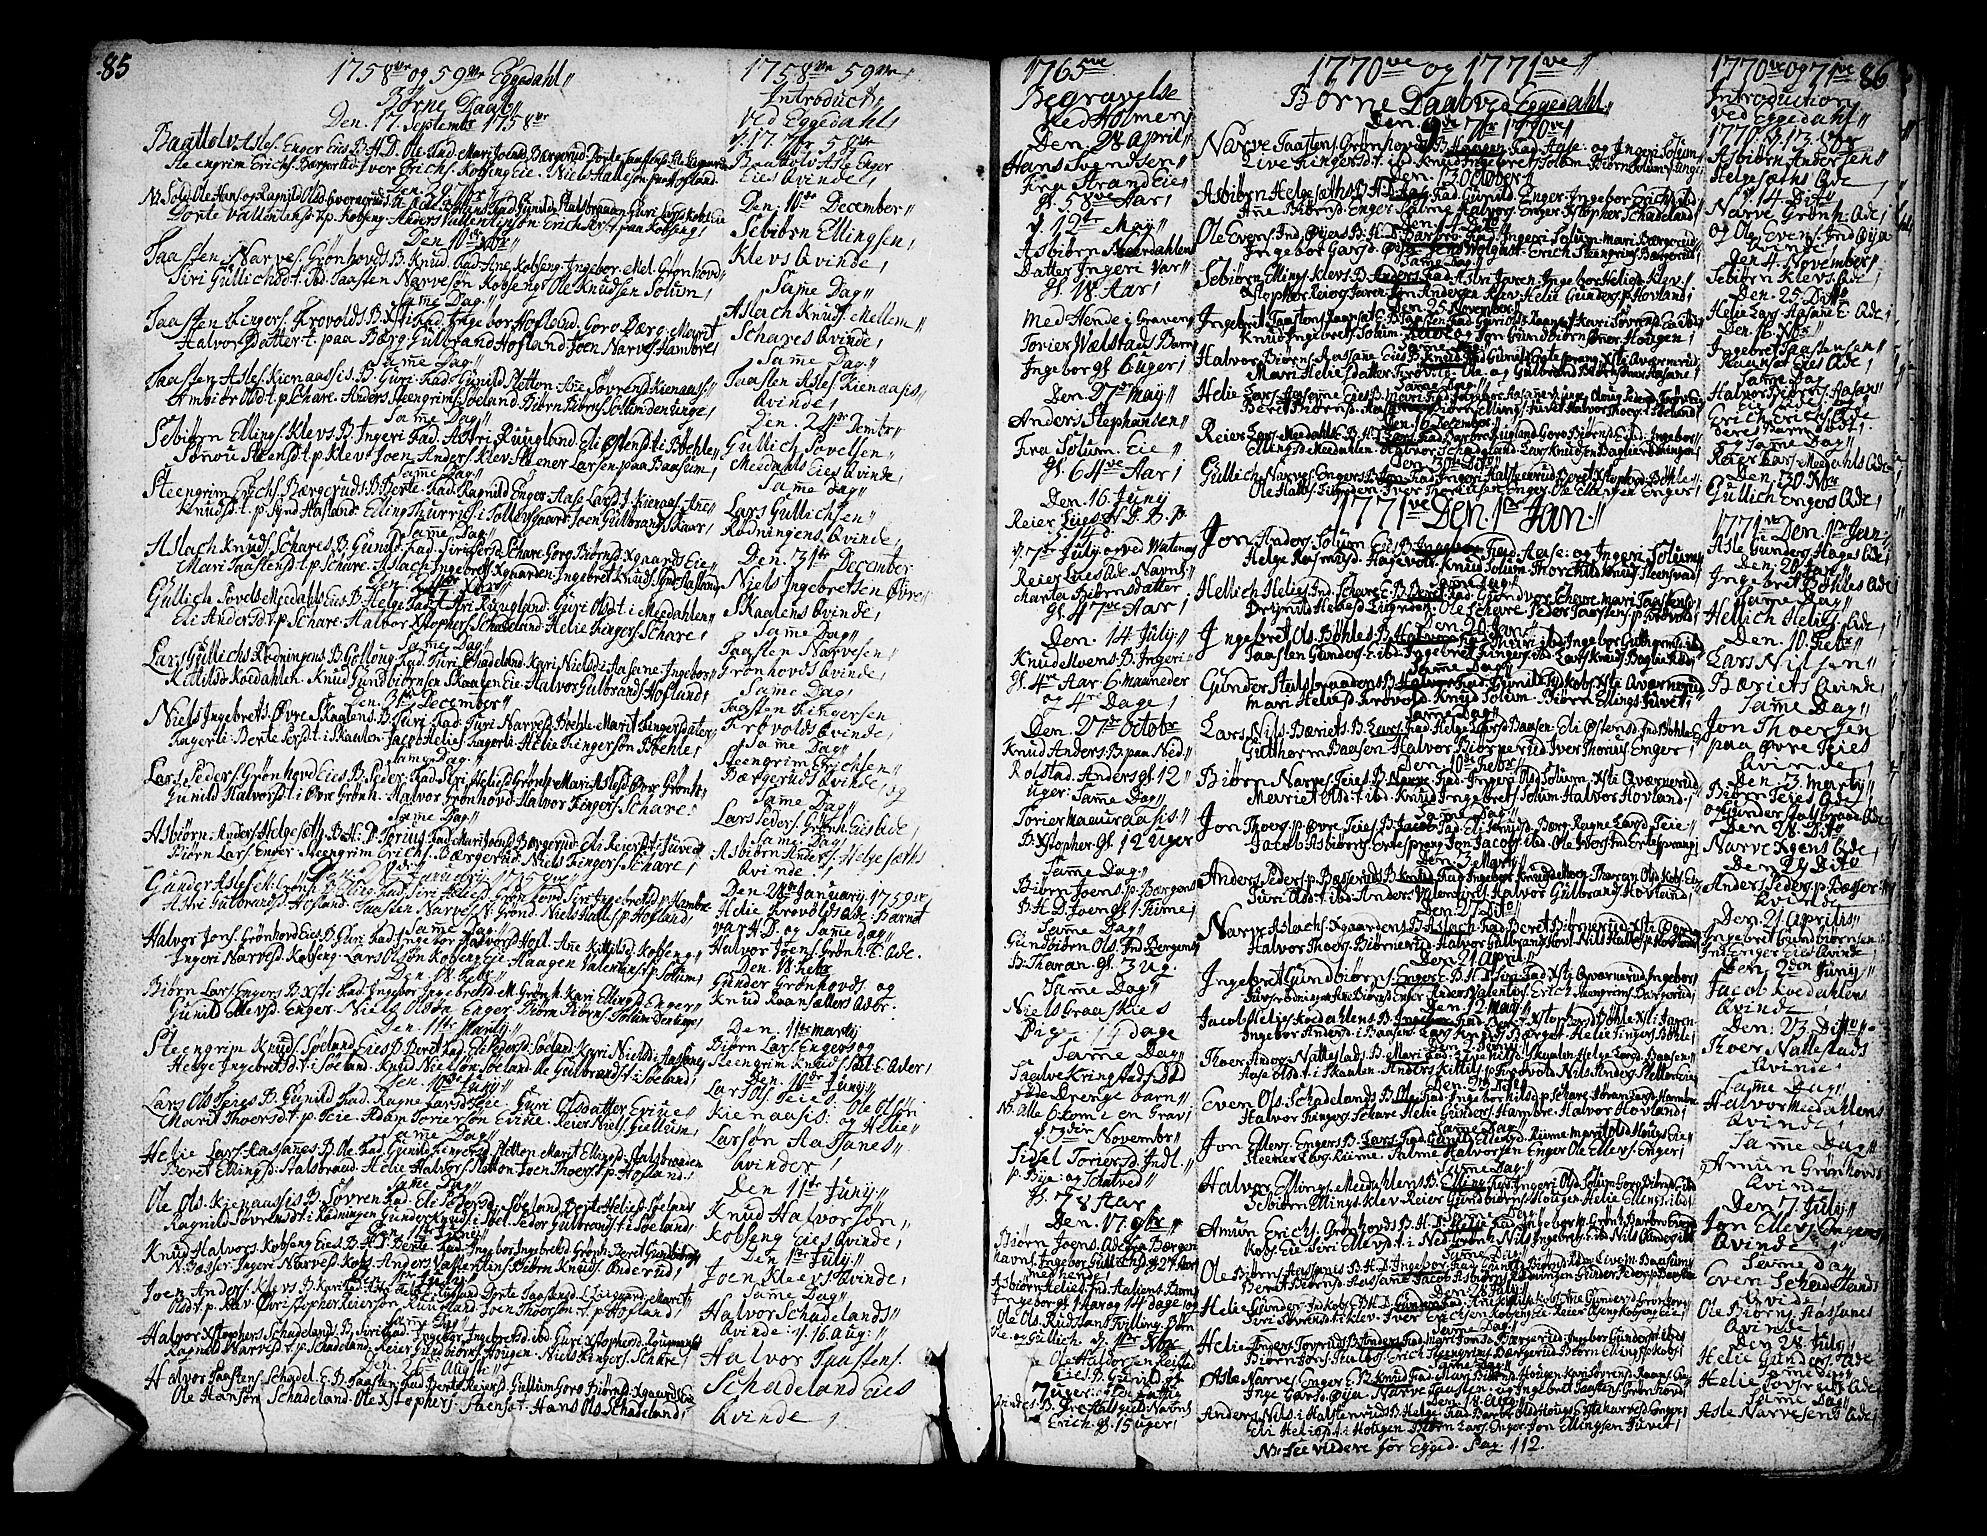 SAKO, Sigdal kirkebøker, F/Fa/L0001: Ministerialbok nr. I 1, 1722-1777, s. 85-86